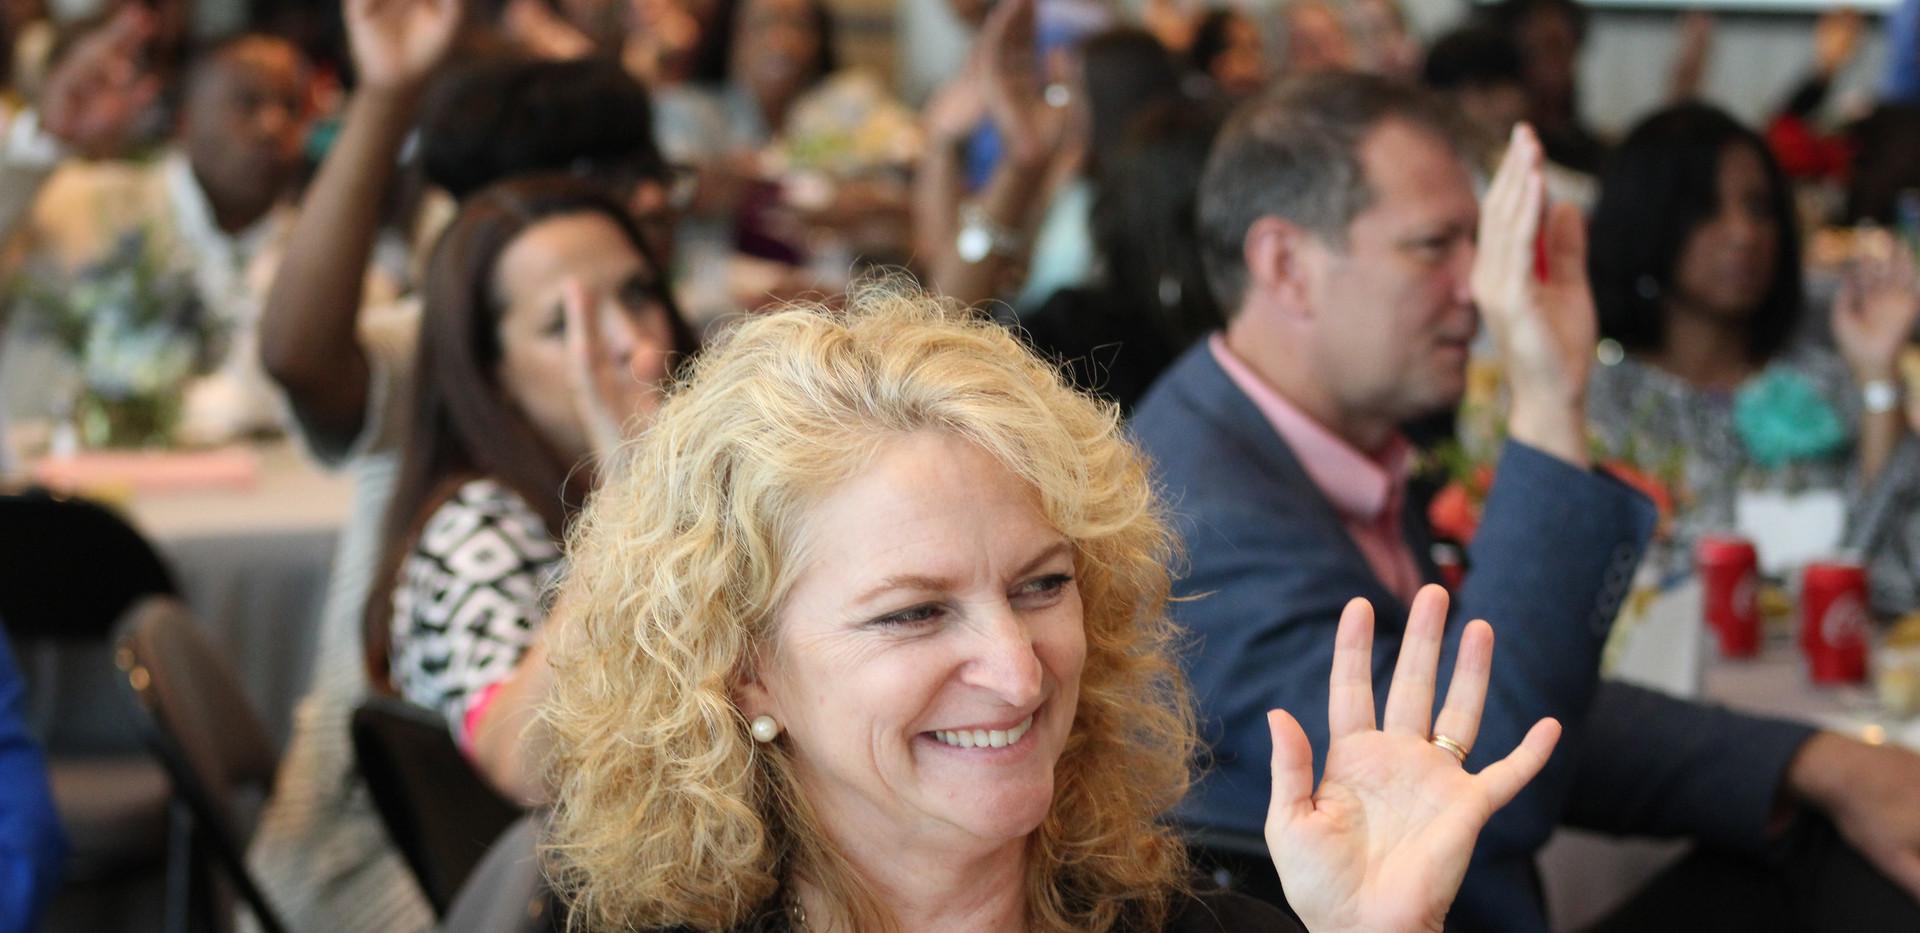 conferenceattendee34.JPG